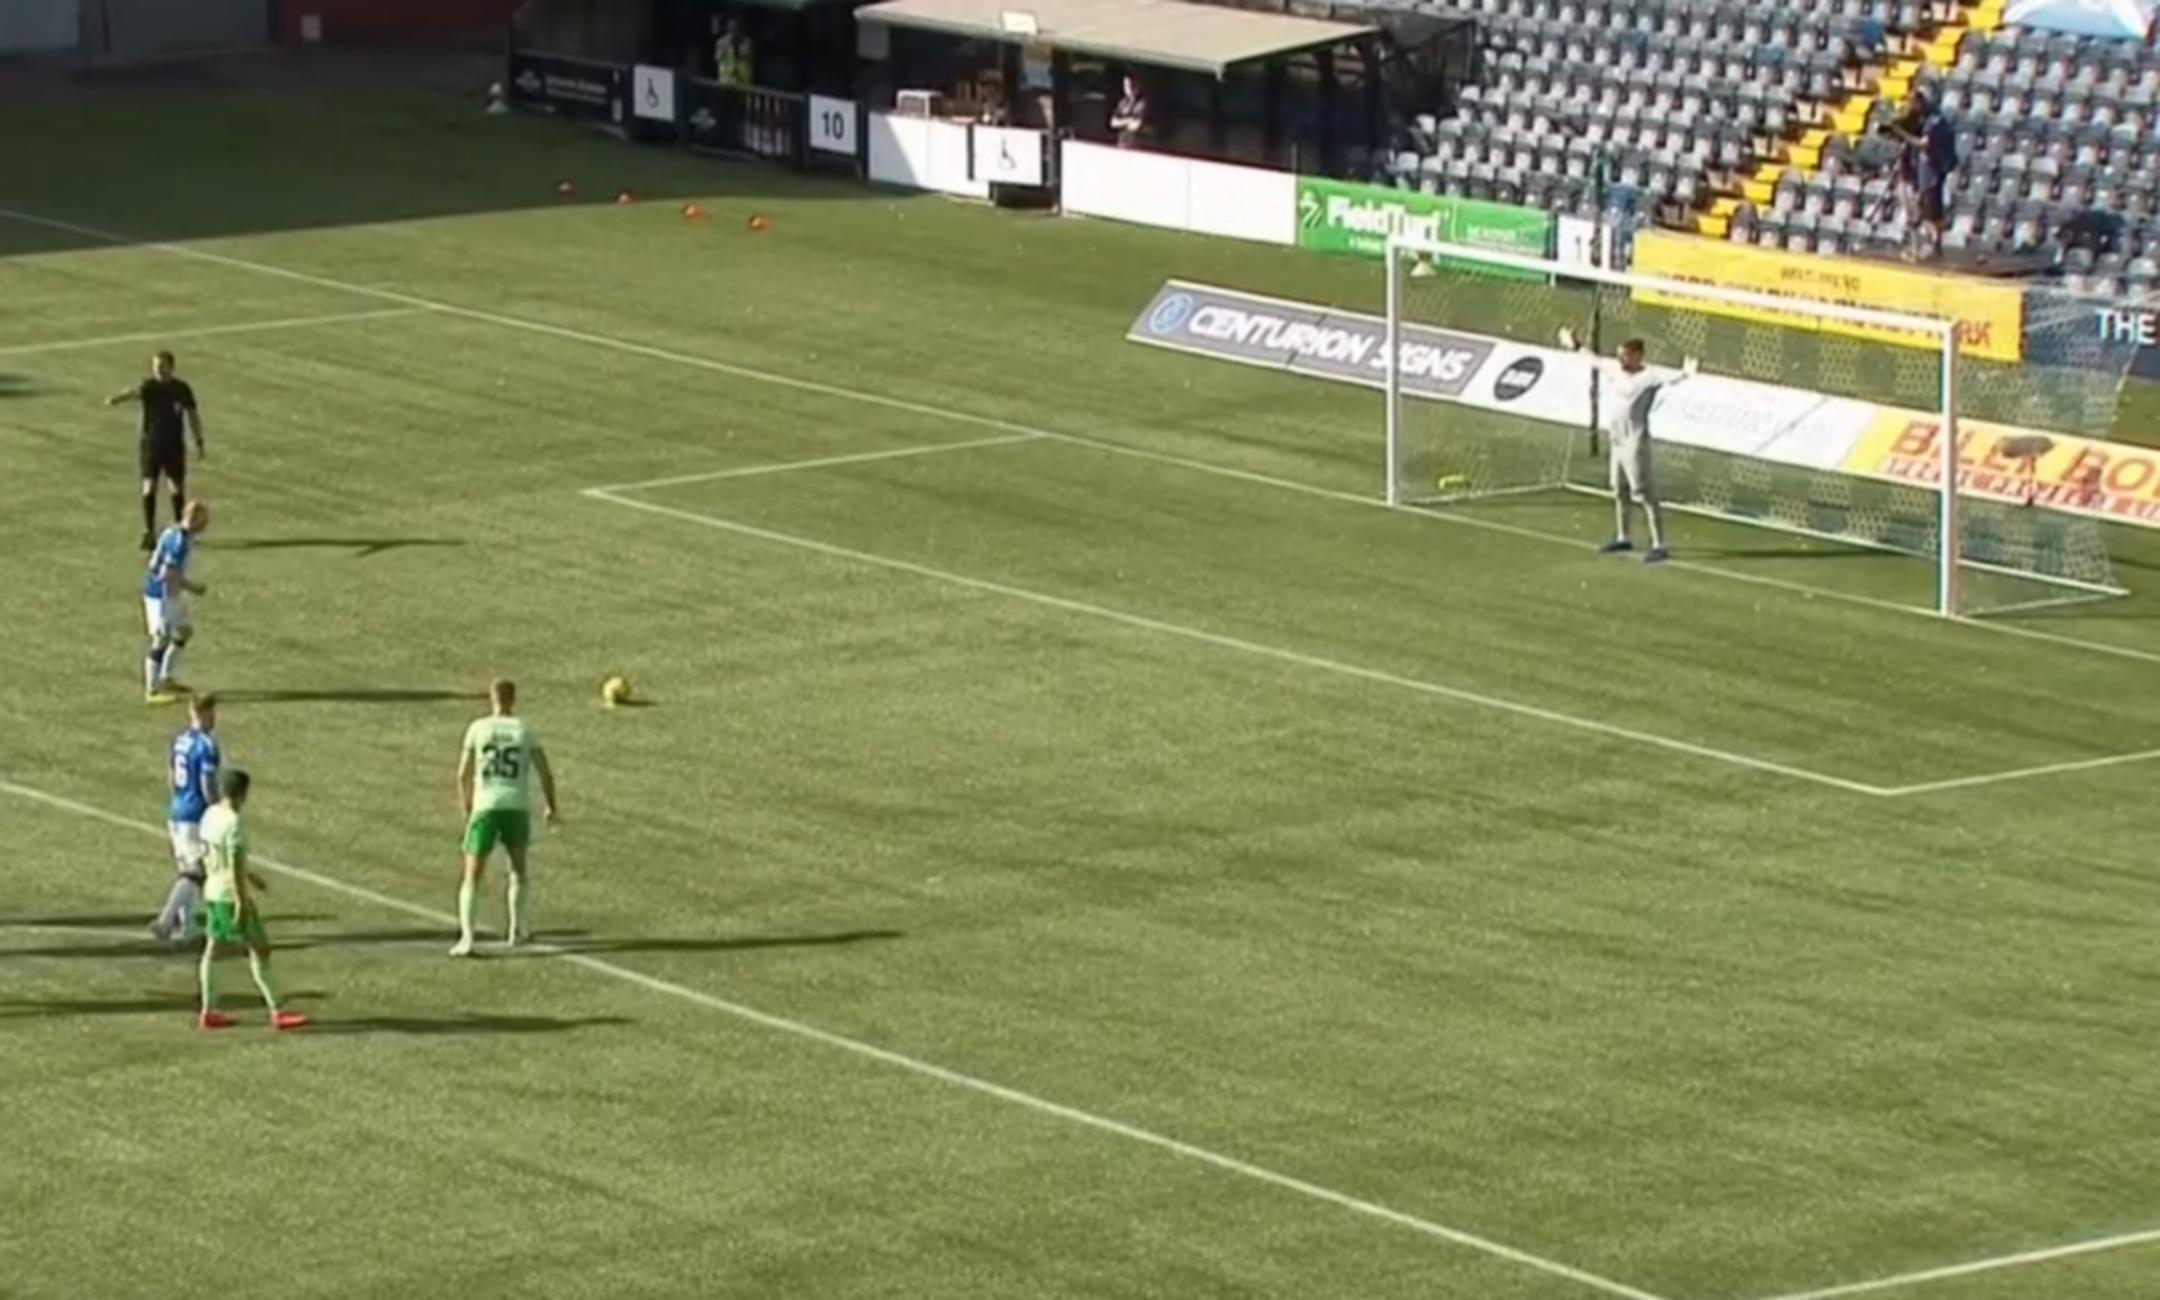 Ο Μπάρκας δέχθηκε γκολ με πέναλτι στο ντεμπούτο του στη Σέλτικ (video)